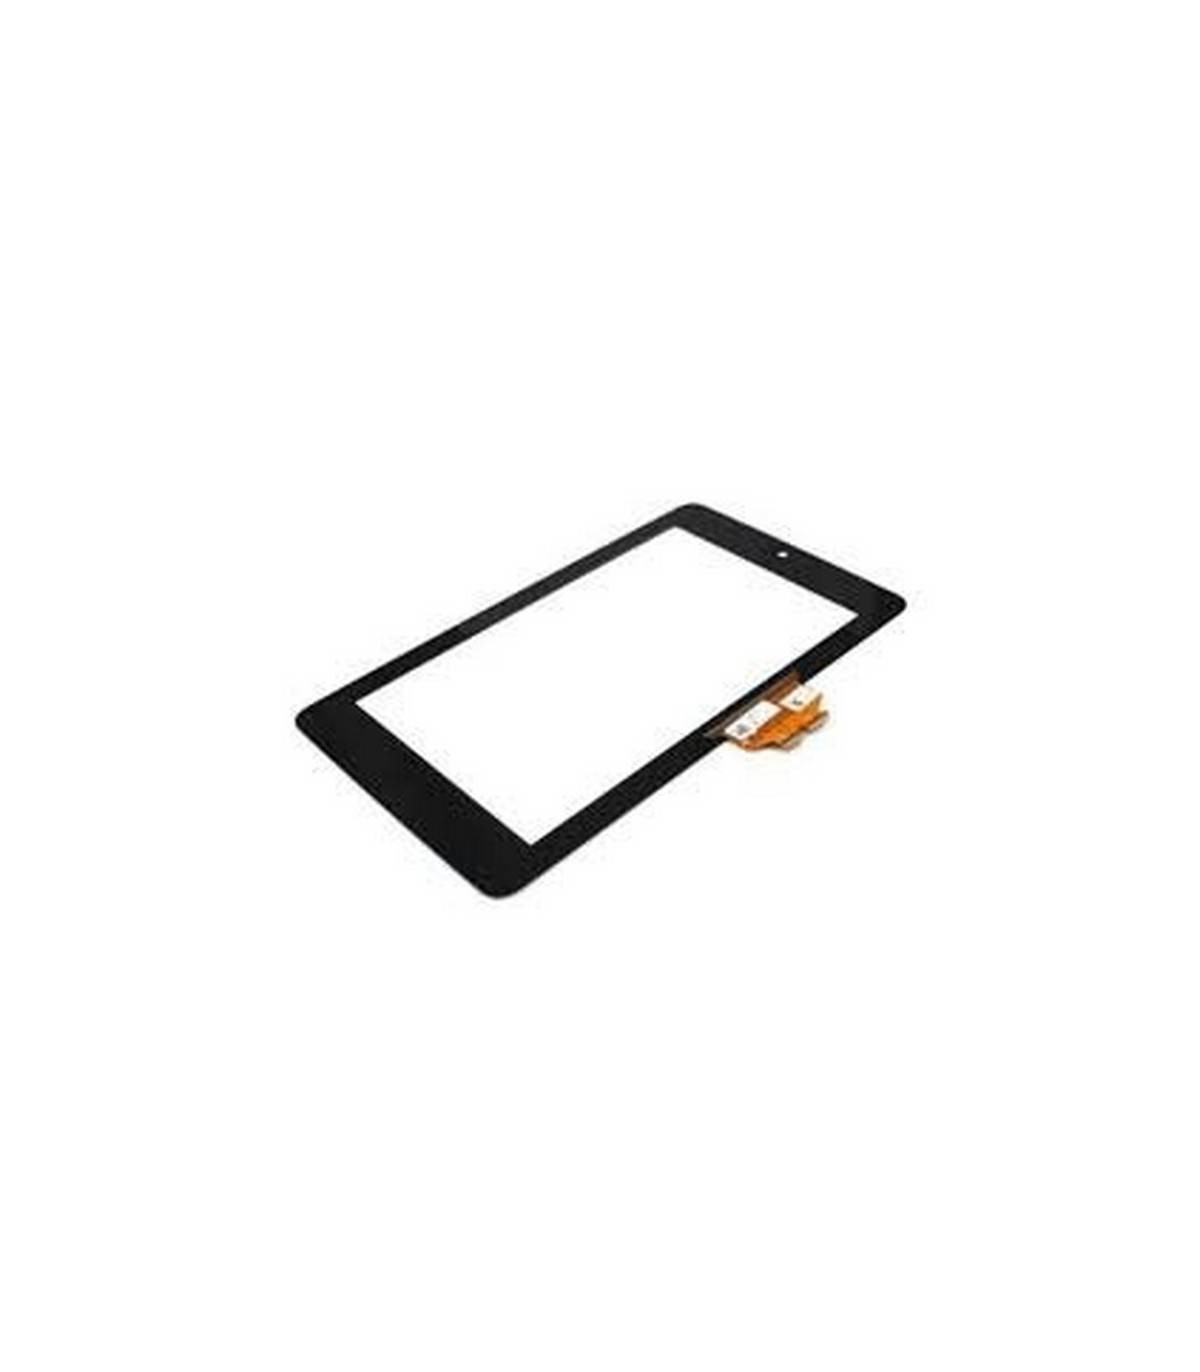 Ecrã tactil Asus Nexus 7 google preto